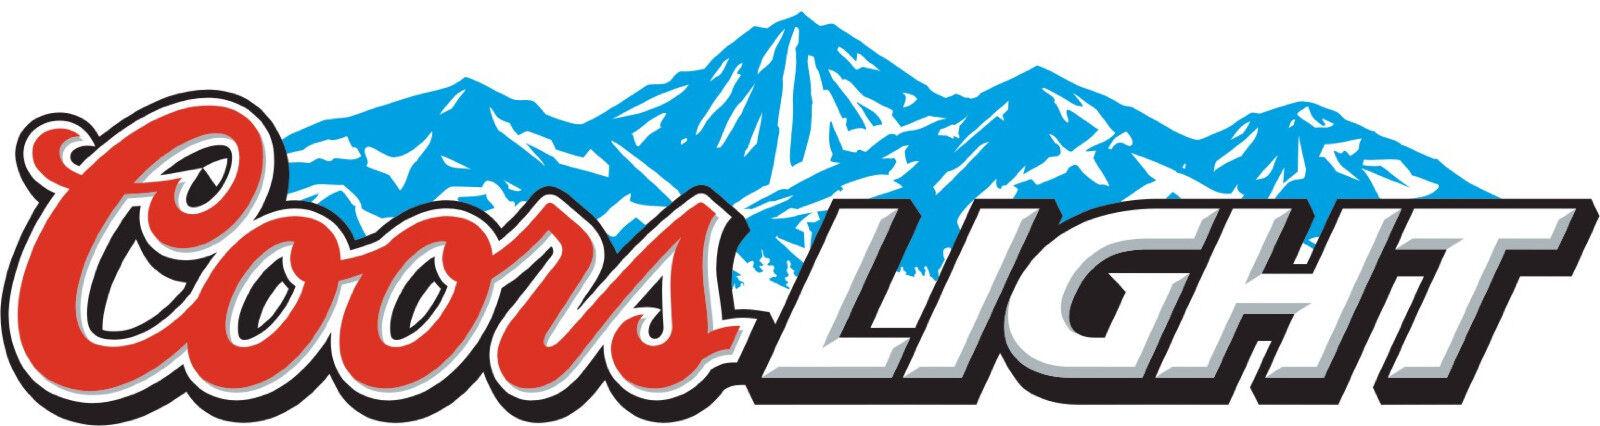 3 Longer Side Coors Light Logo Mountain Vinyl Sticker Art Decal Set of 3 Pieces